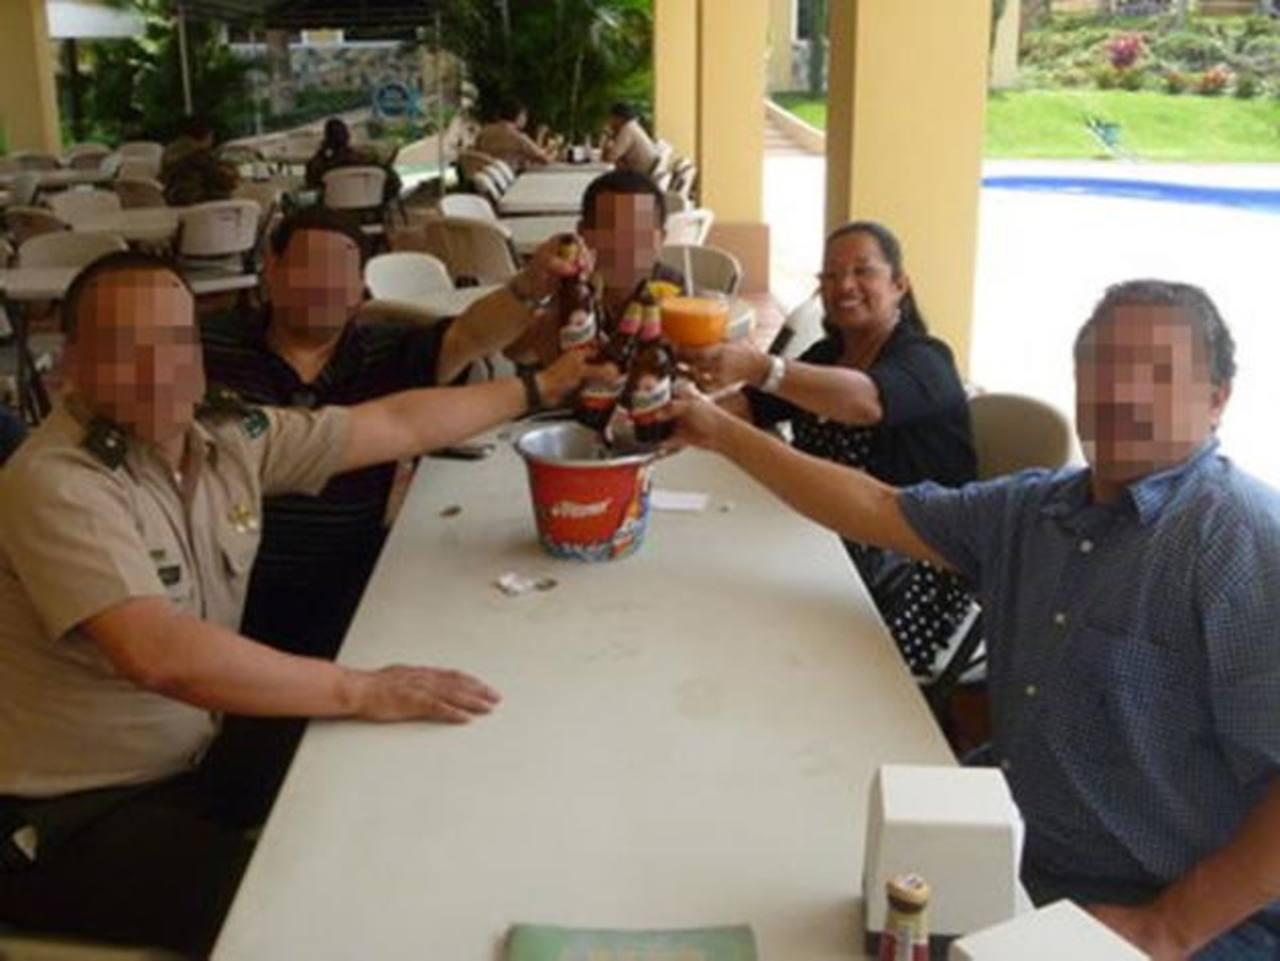 Candelaria Morataya (al fondo), junto a un pariente suyo, el militar que está detenido vinculado al ataque a las dos turistas en Olocuilta, y un hermano de este, durante una celebración días antes de que Candelaria fuera asesinada en un aparente asal